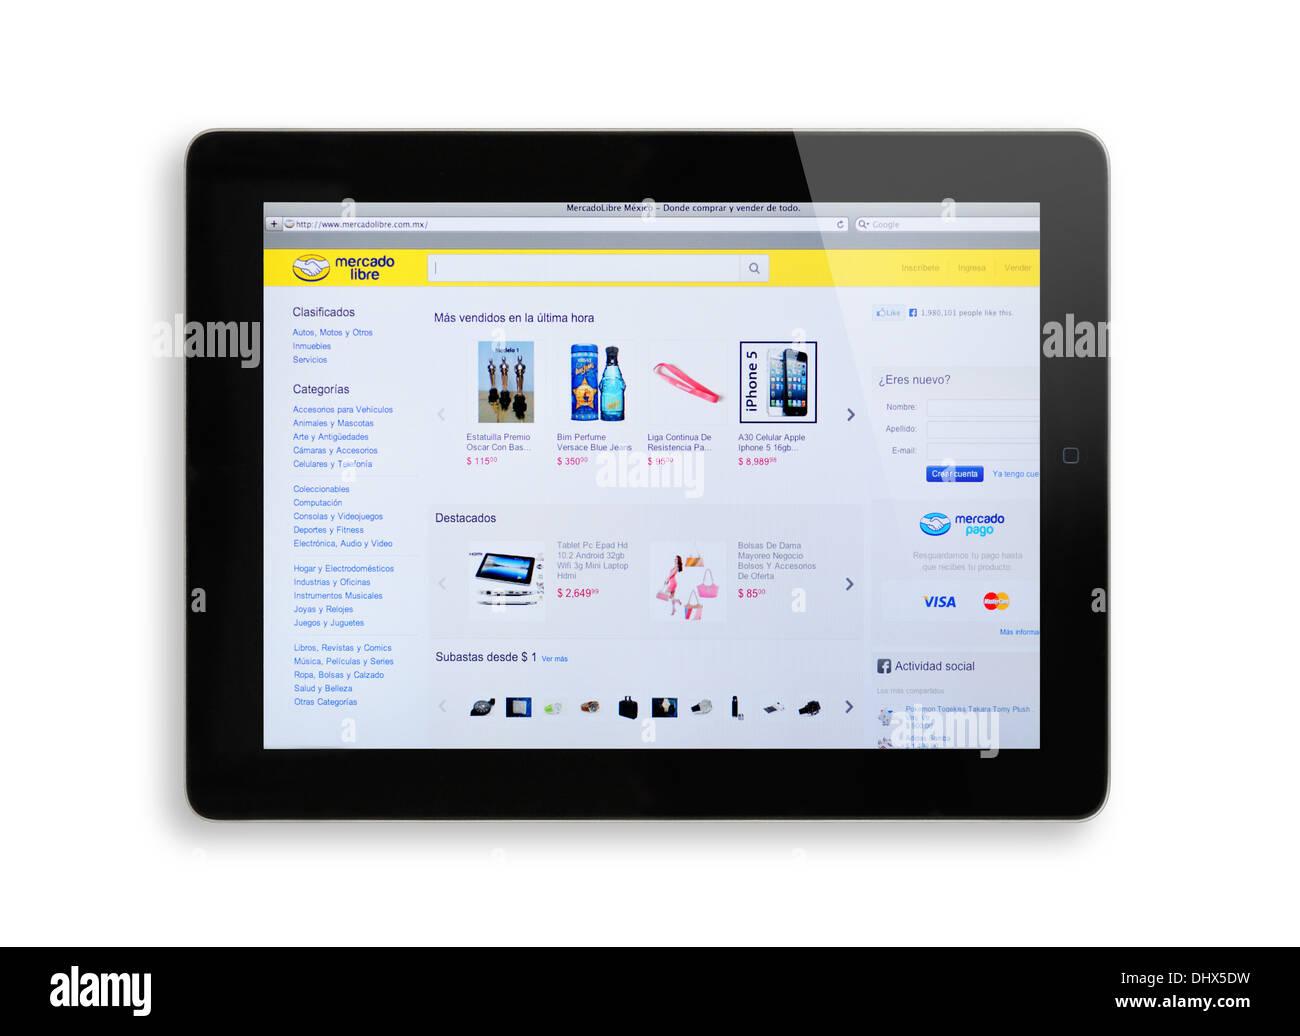 Mercado Libre magasinage en ligne site web sur l'écran de l'iPad Photo Stock